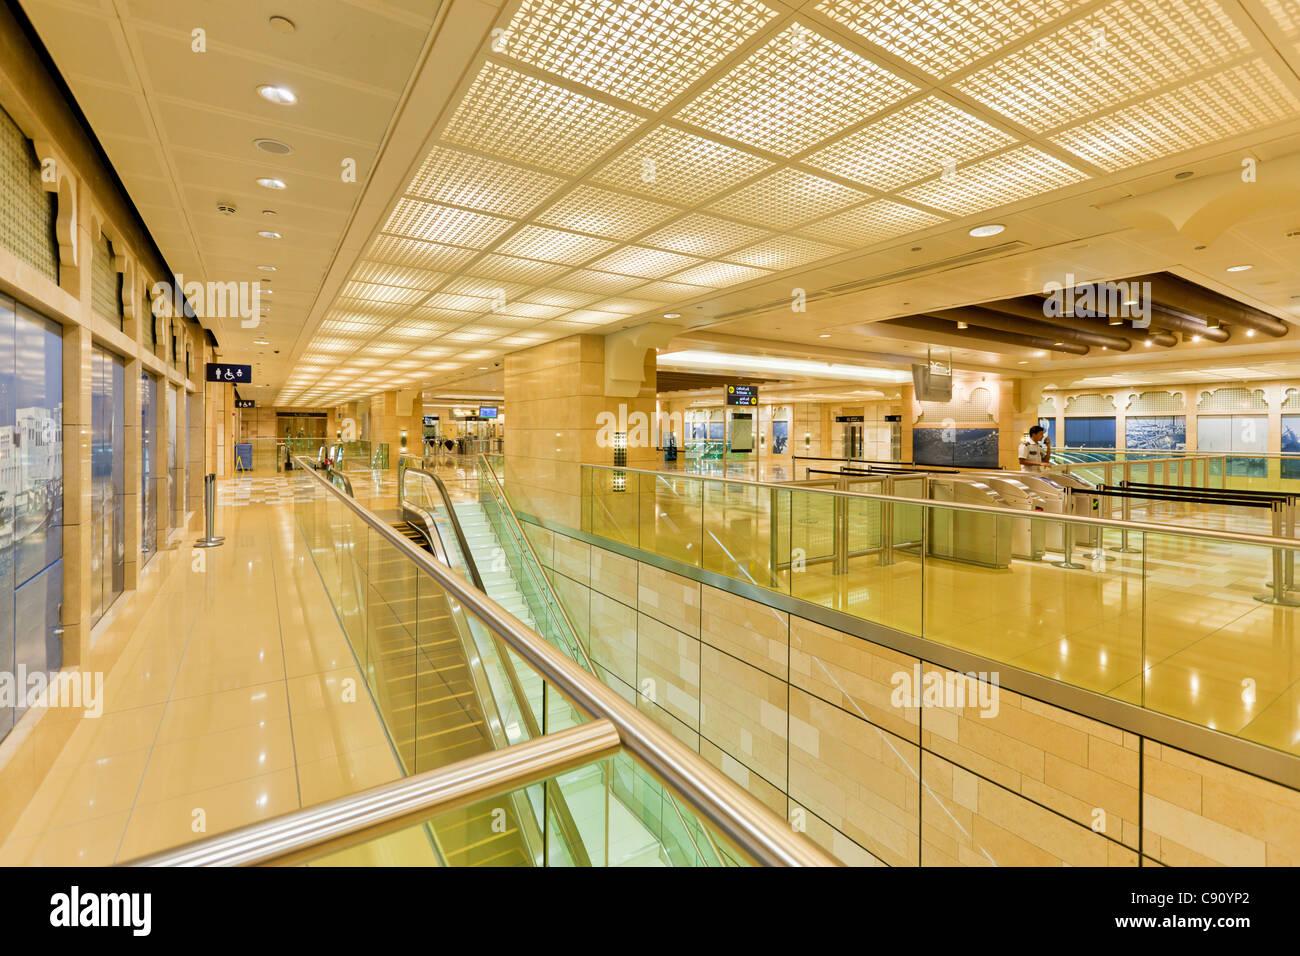 La station de métro Al Ras intérieur, Dubai, Émirats arabes unis, ÉMIRATS ARABES UNIS, Moyen Photo Stock